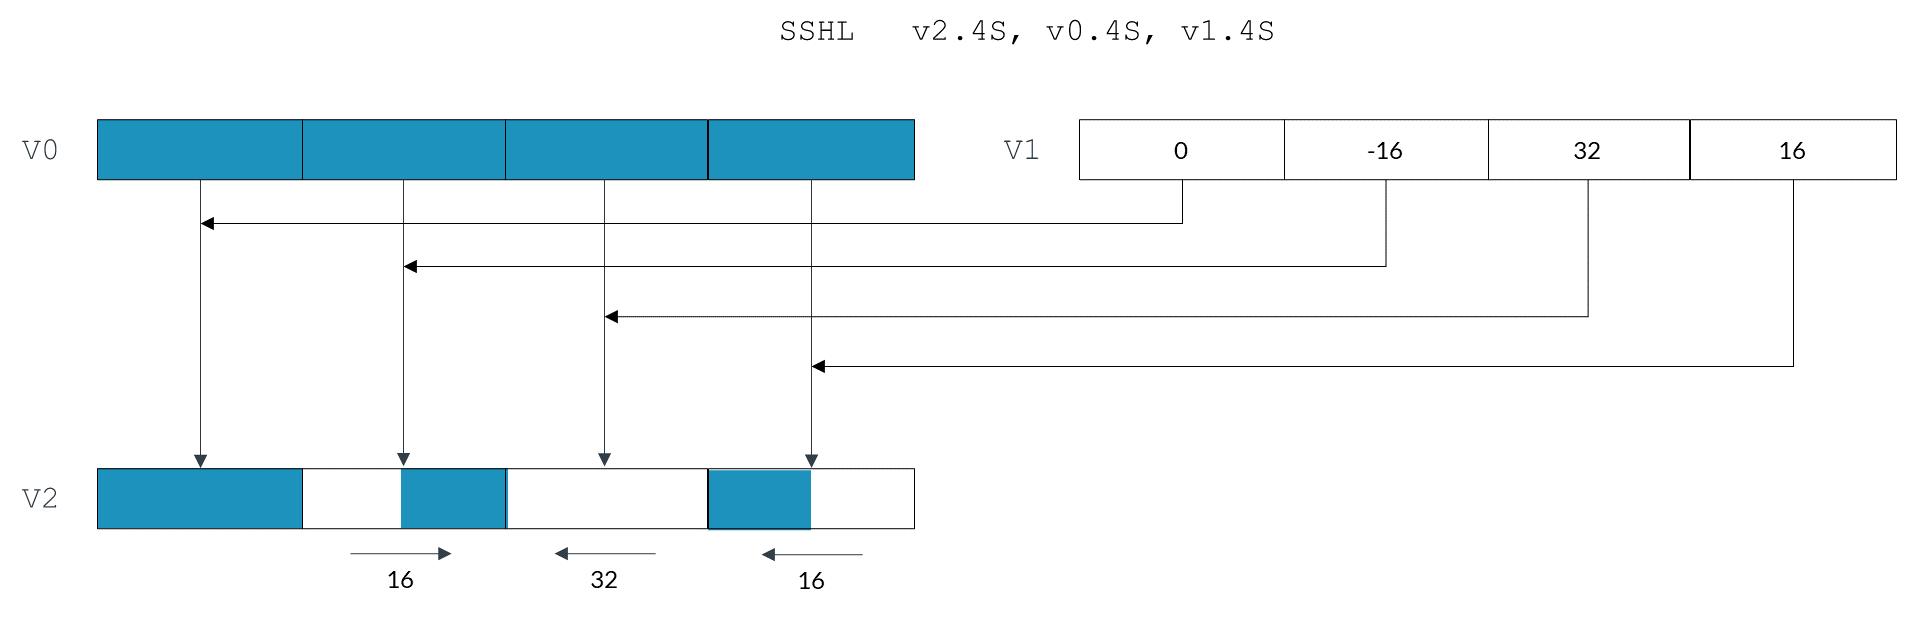 Обзор инструкций ARM NEON для тех, кто знаком с MMX-SSE-AVX - 1